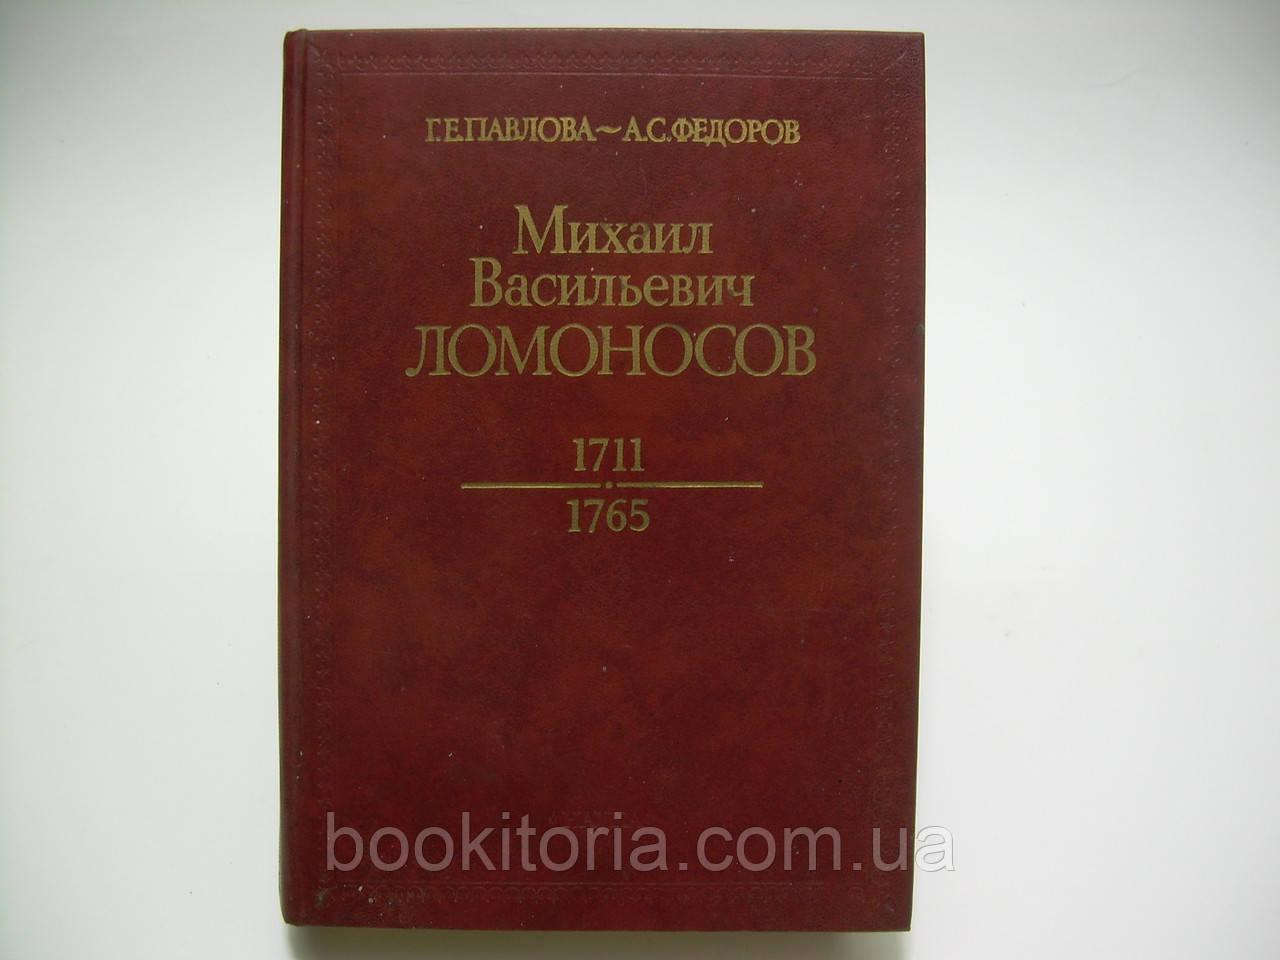 Павлова Г.Е., Федоров А.С. Михаил Васильевич Ломоносов (б/у).